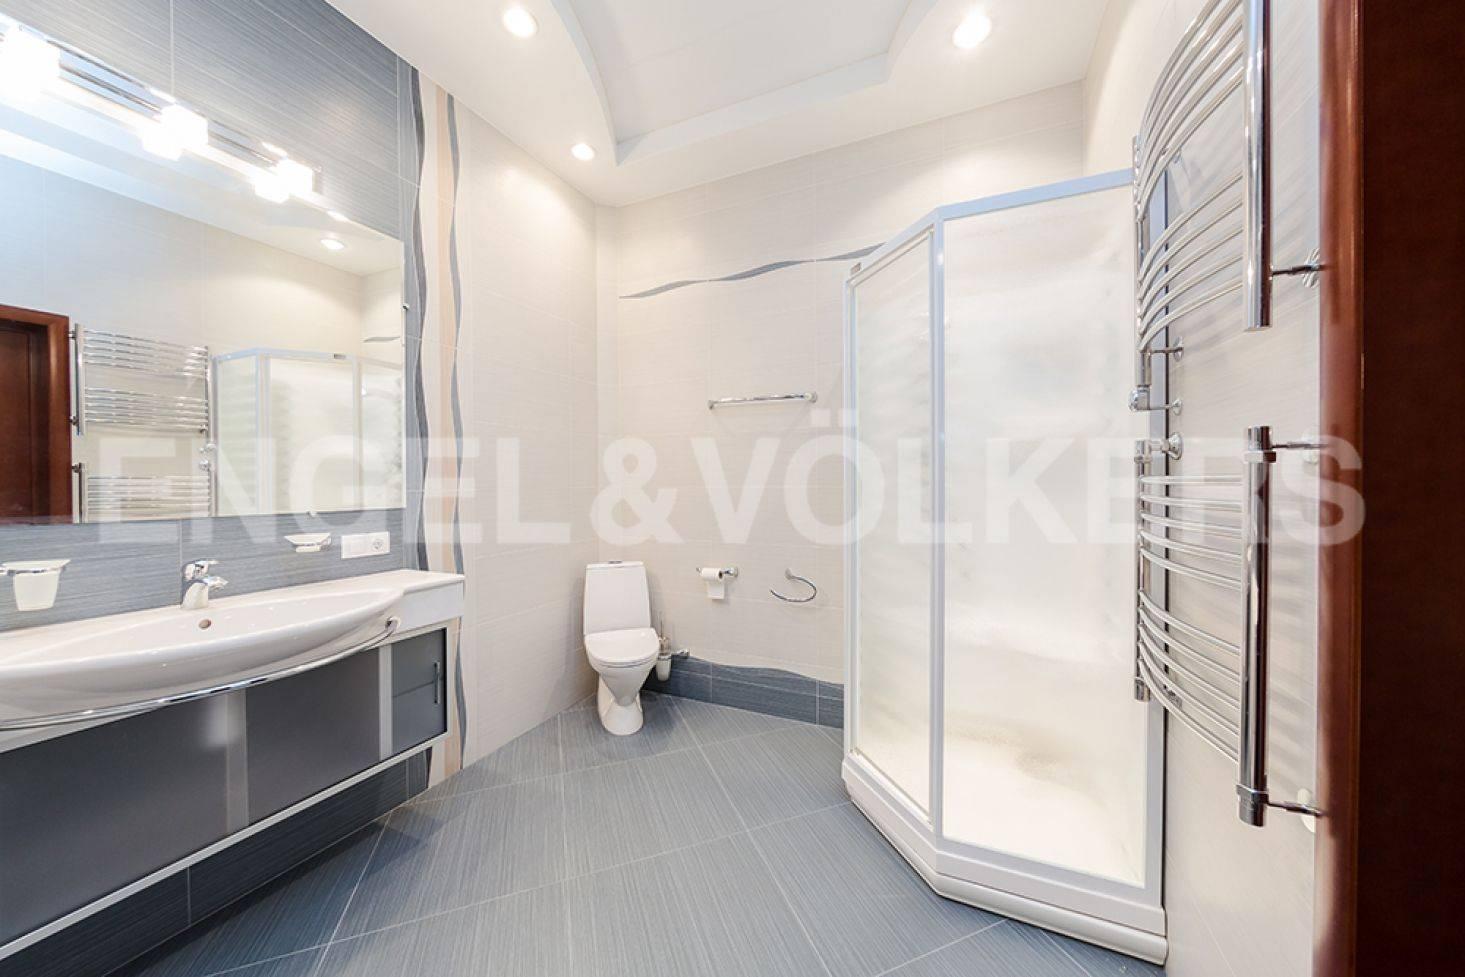 Элитные квартиры в Центральный р-н. Санкт-Петербург, ул. Восстания 8А . Ванная комната в спальне